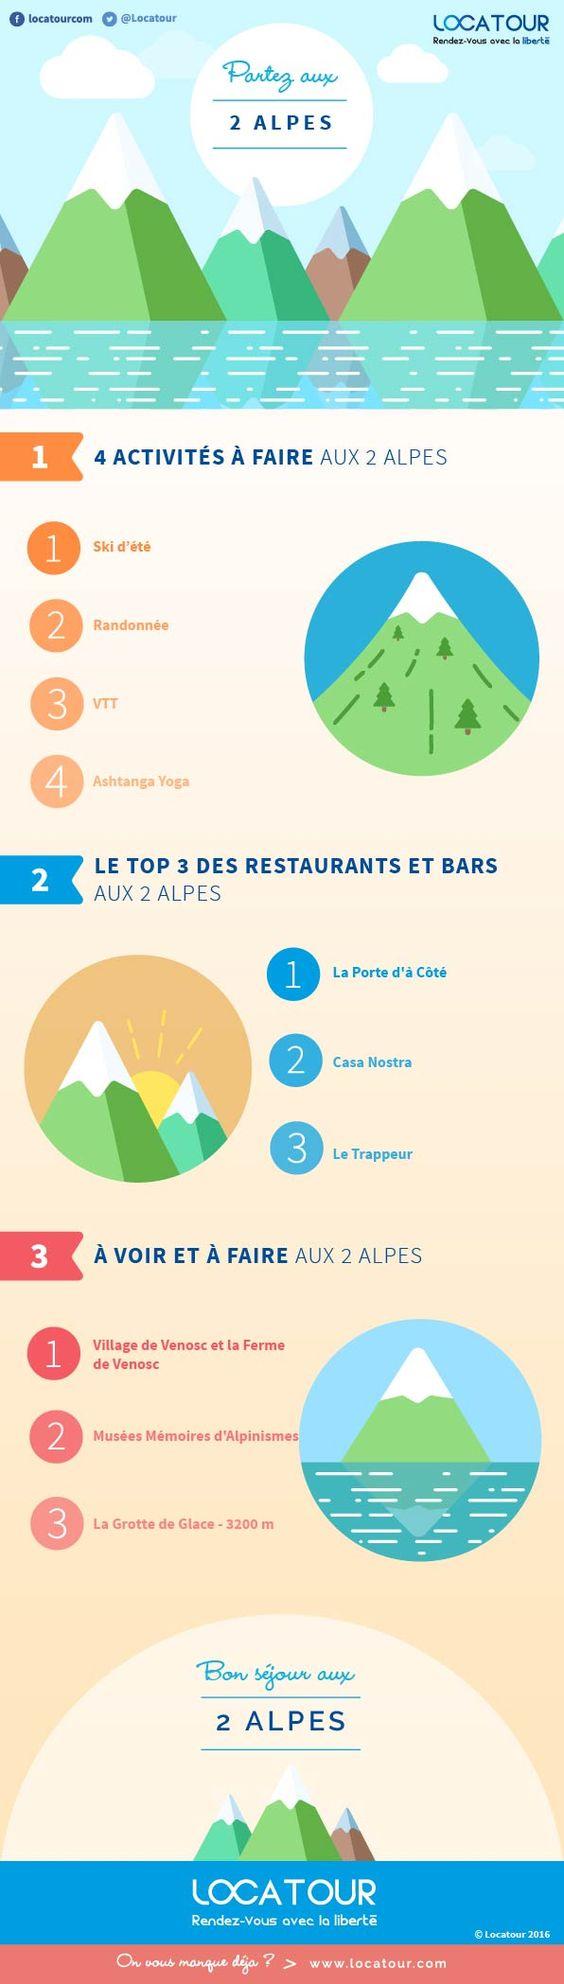 #Infographie- Montagne été : Les 2 Alpes - Locatour - Venez bénéficier des nombreux aspects des paysages montagnards et des activités ainsi que des restaurants !#vacances#traveling